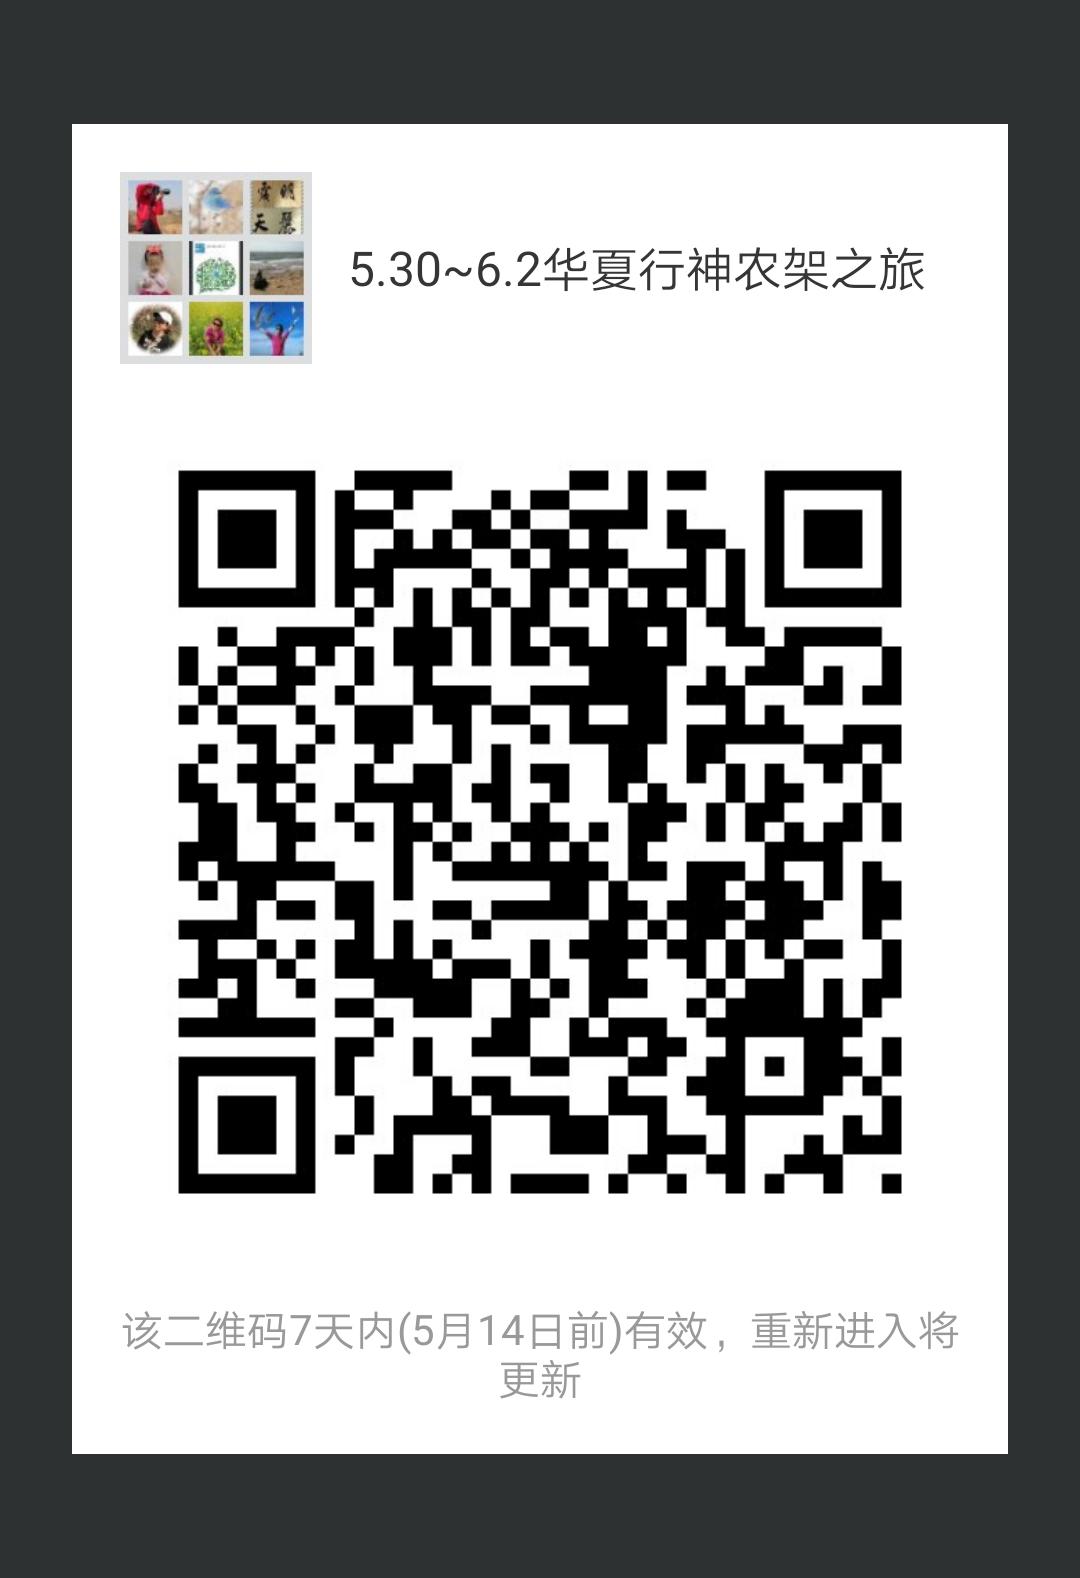 微信图片_20180507150553.png